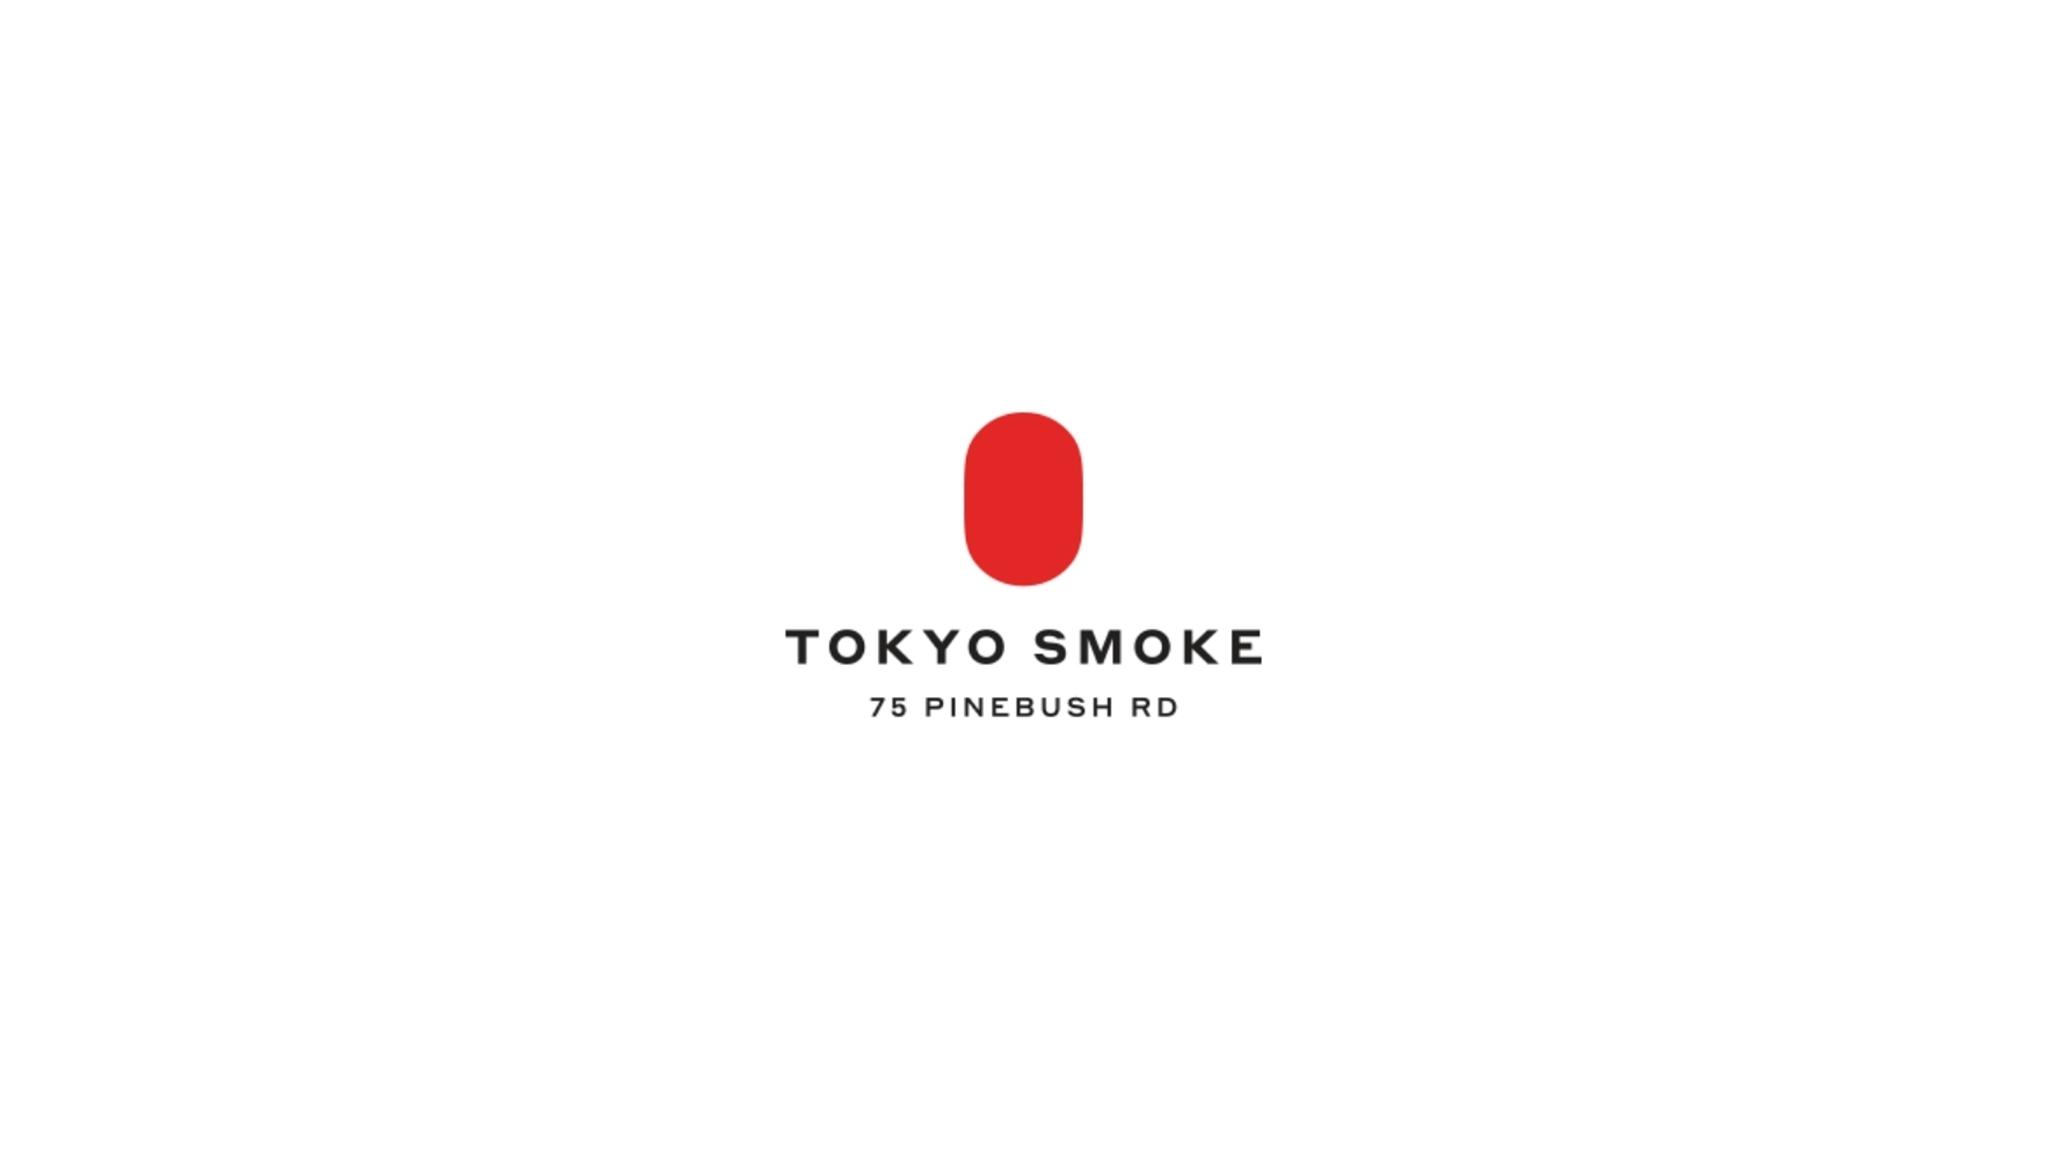 Tokyo Smoke Cambridge - Cannabis Dispensary (@tokyosmokecambridge) Cover Image